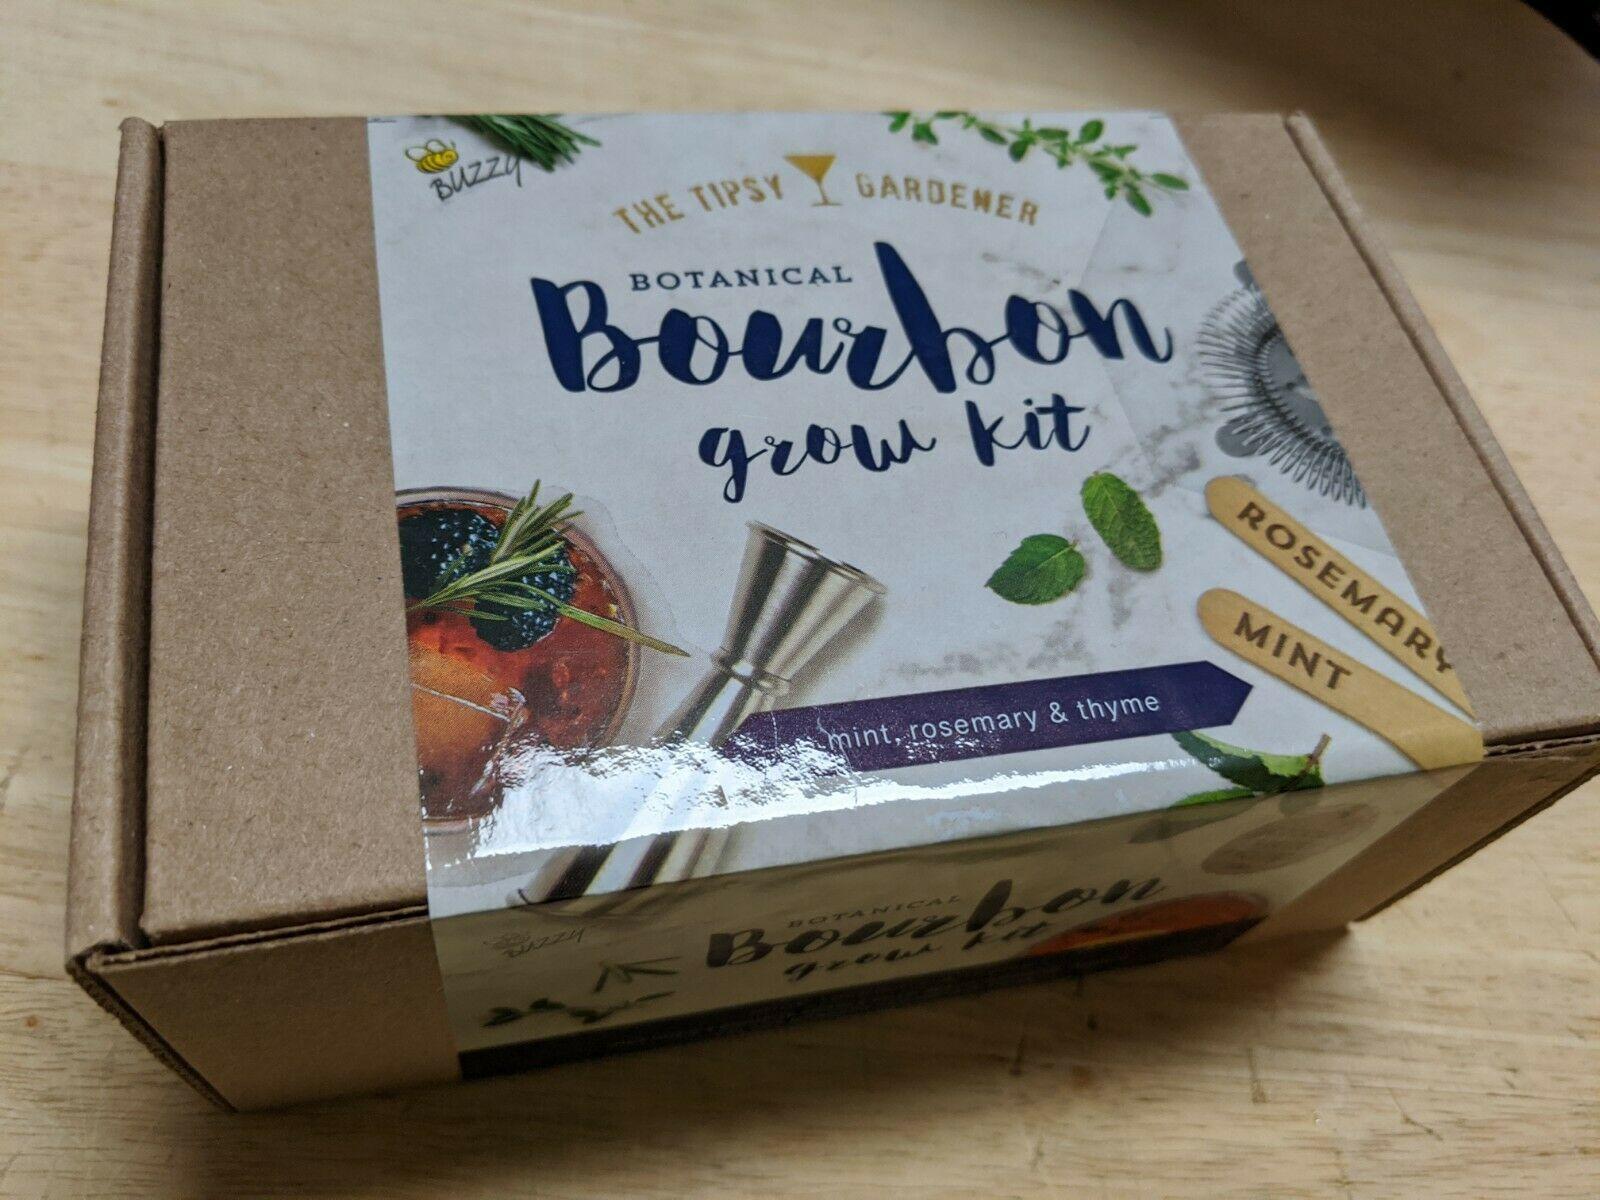 The Tipsy Gardener Botanical Bourbon Cocktail Grow Kit - Mint, Rosemary & Thyme